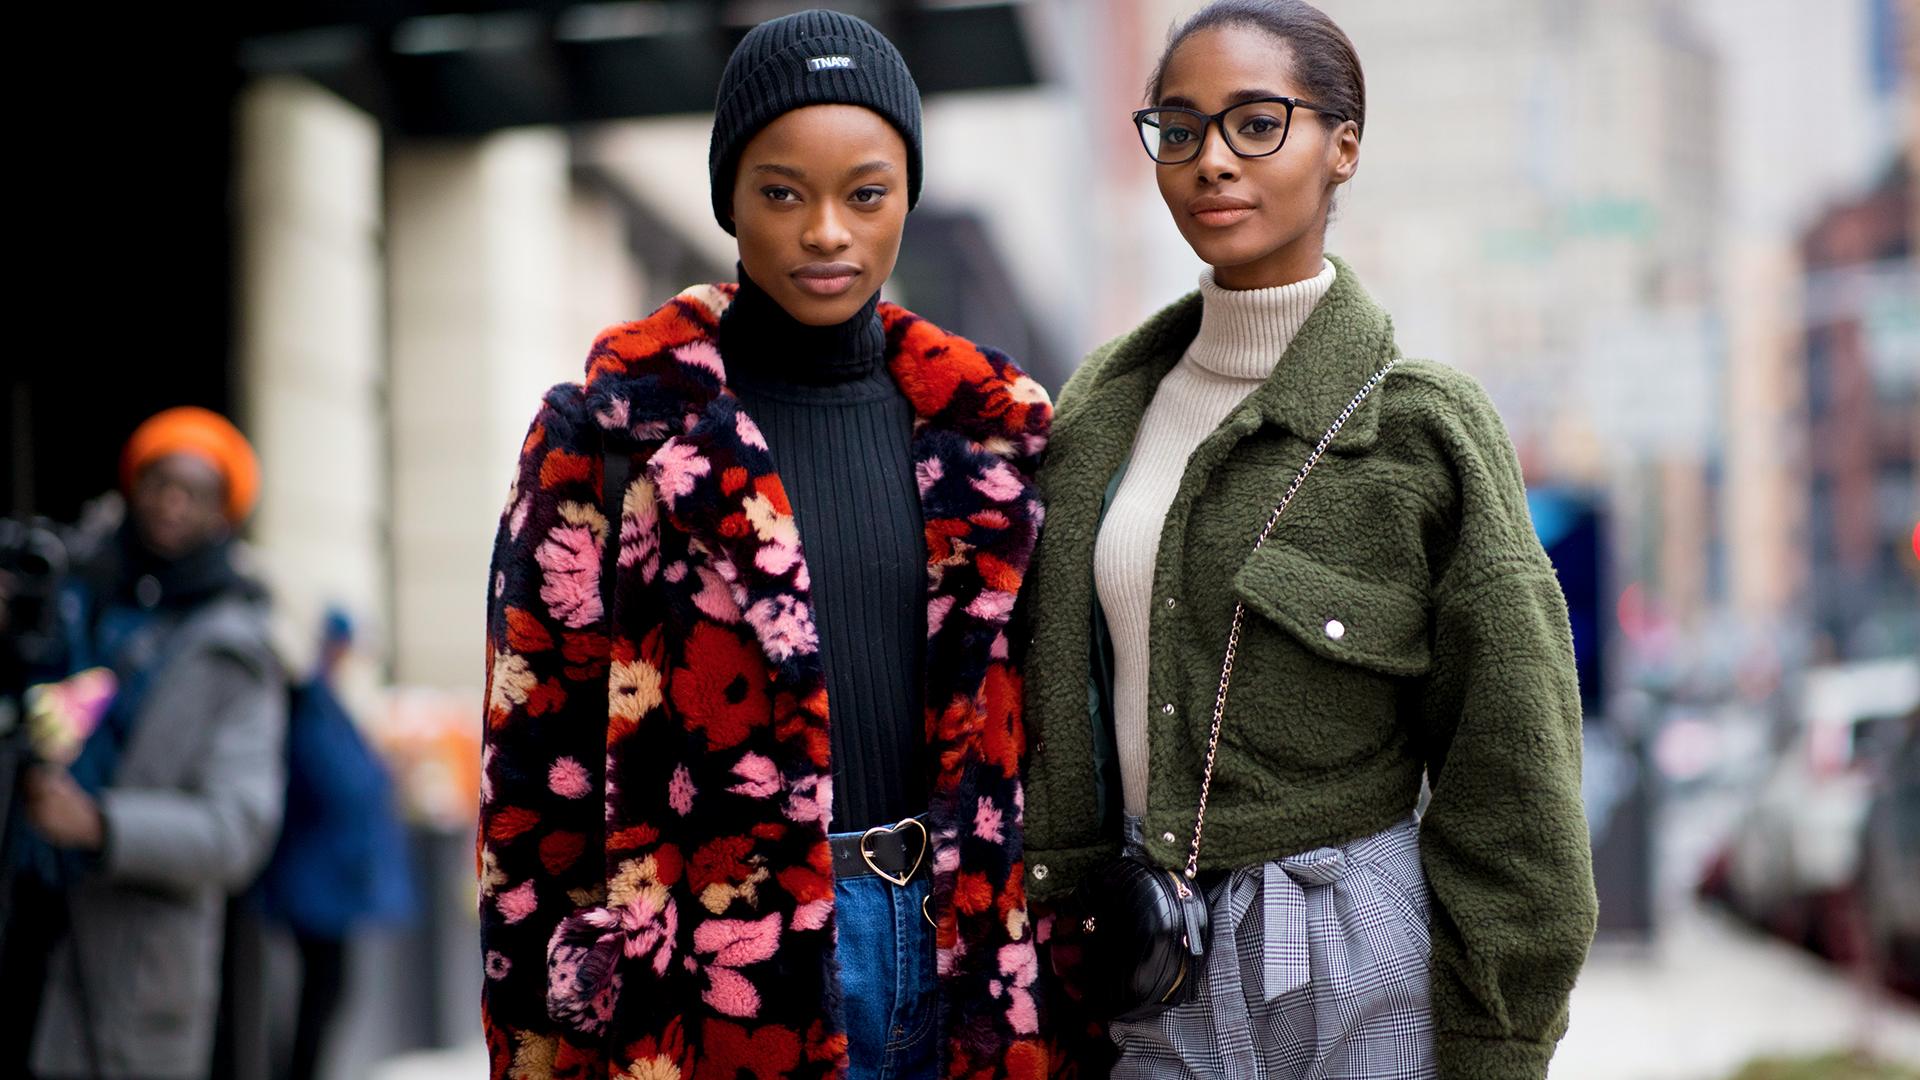 Prediksi Tren Fashion 2020: Fashion Jadul Kembali Populer